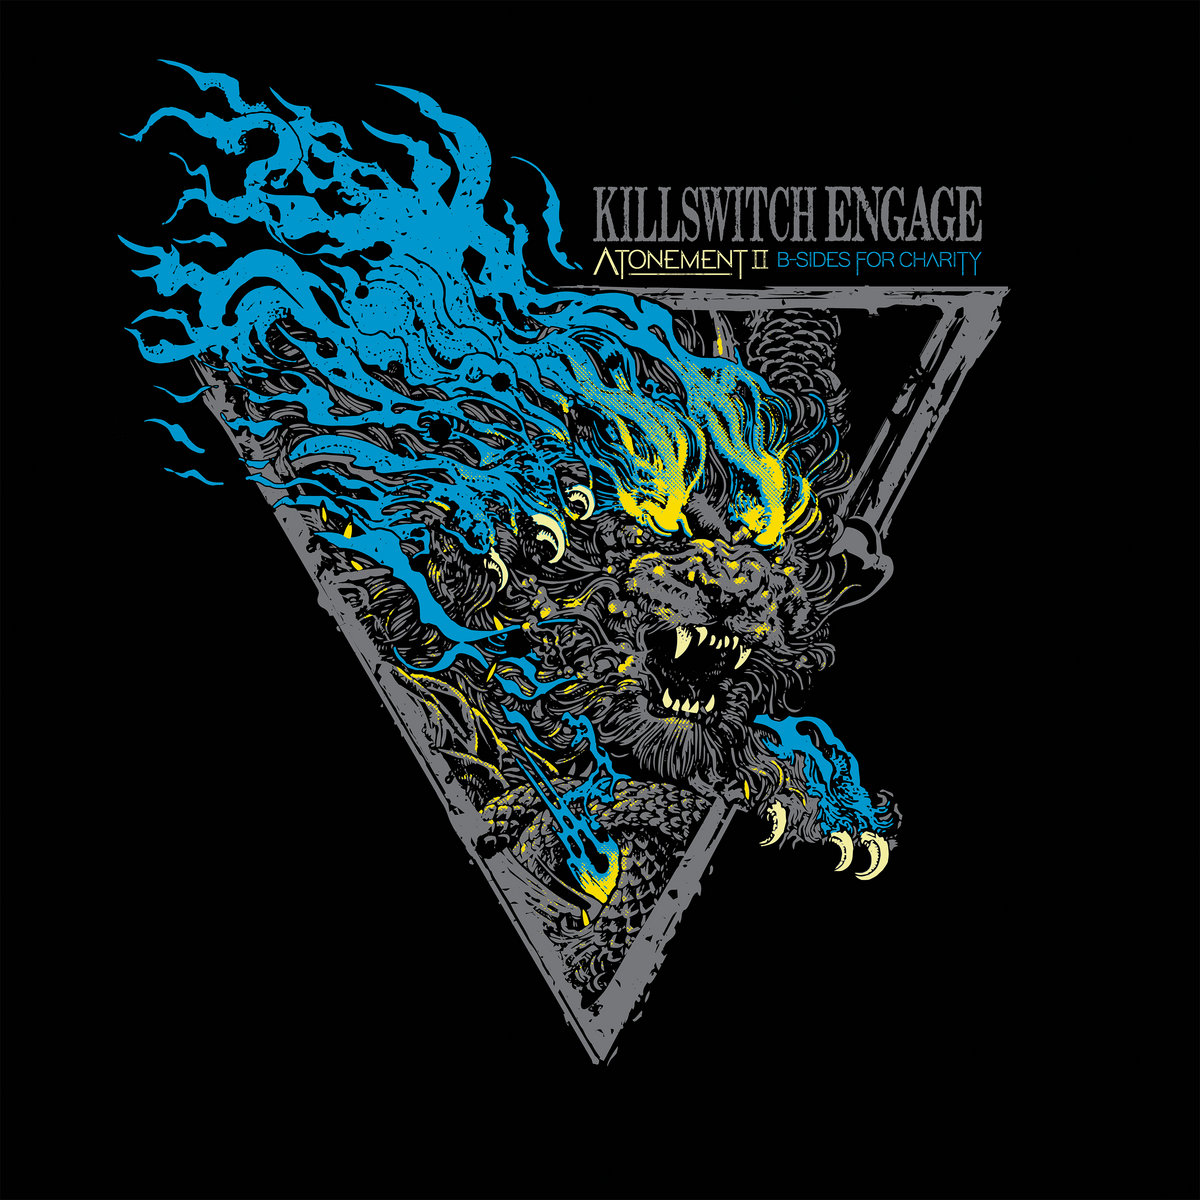 Jótékonysági EP-t adott ki a Killswitch Engage